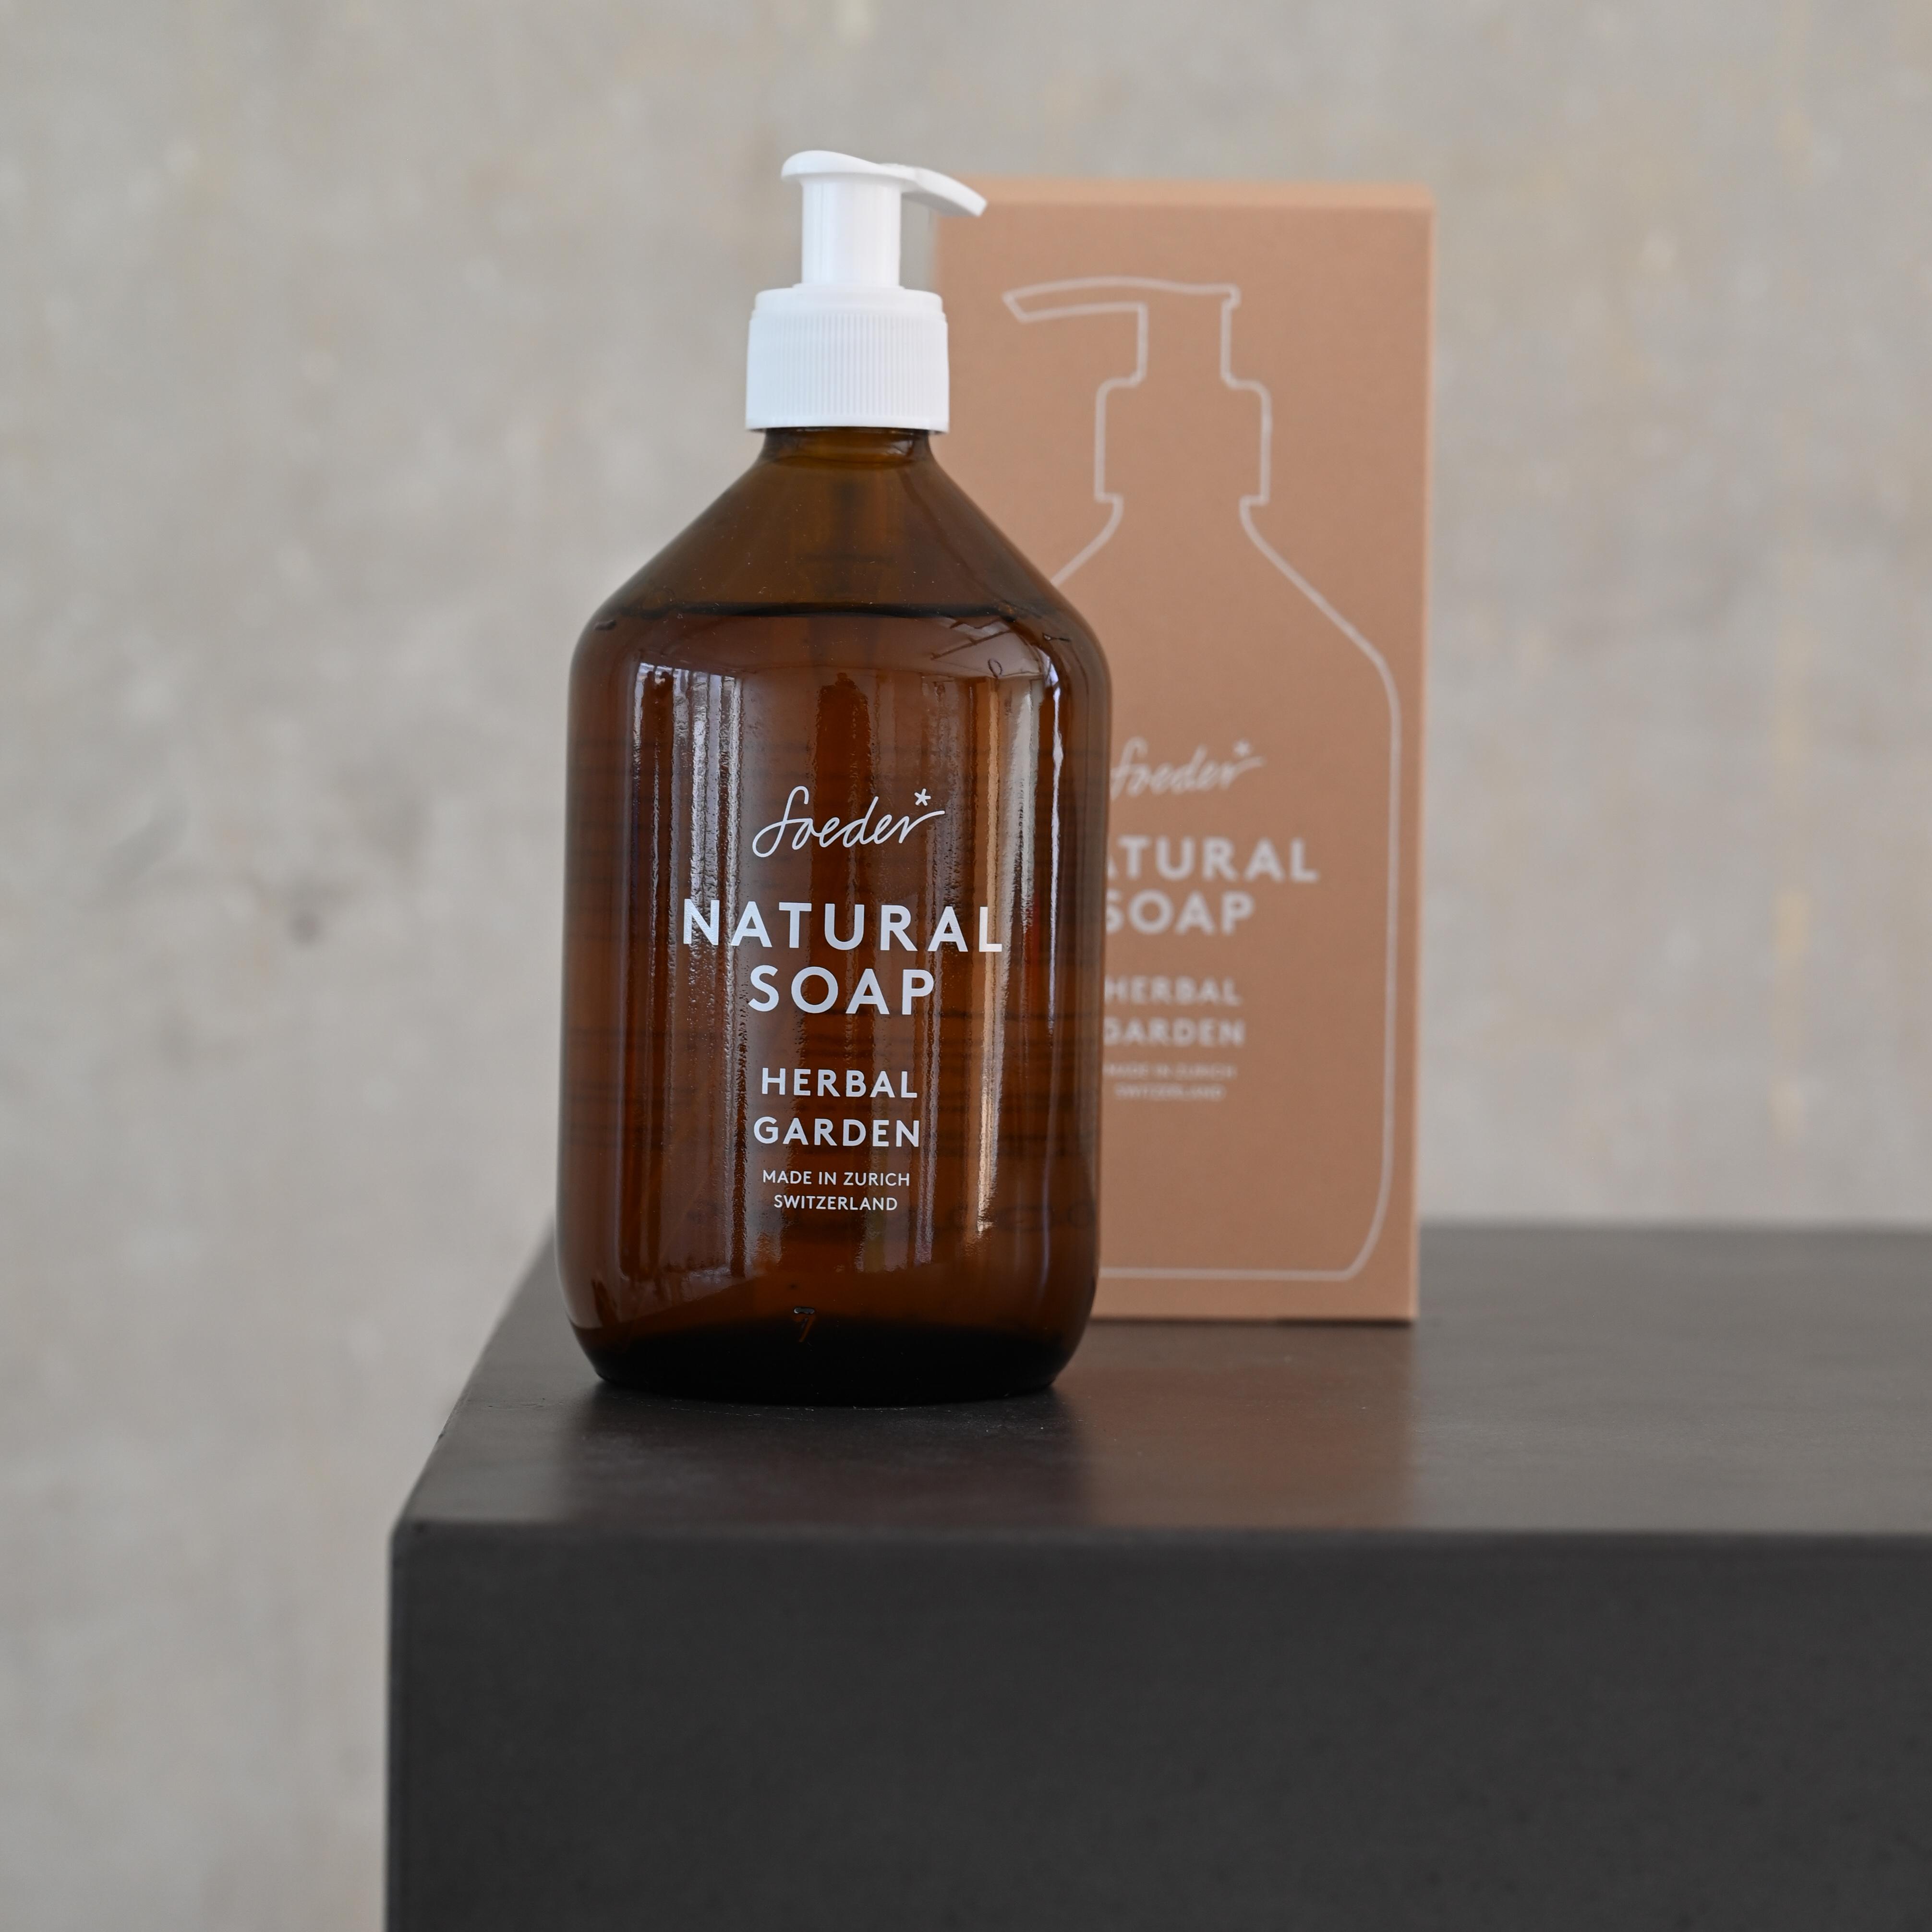 Natural Soap - Herbal Garden 500 ml von soeder*